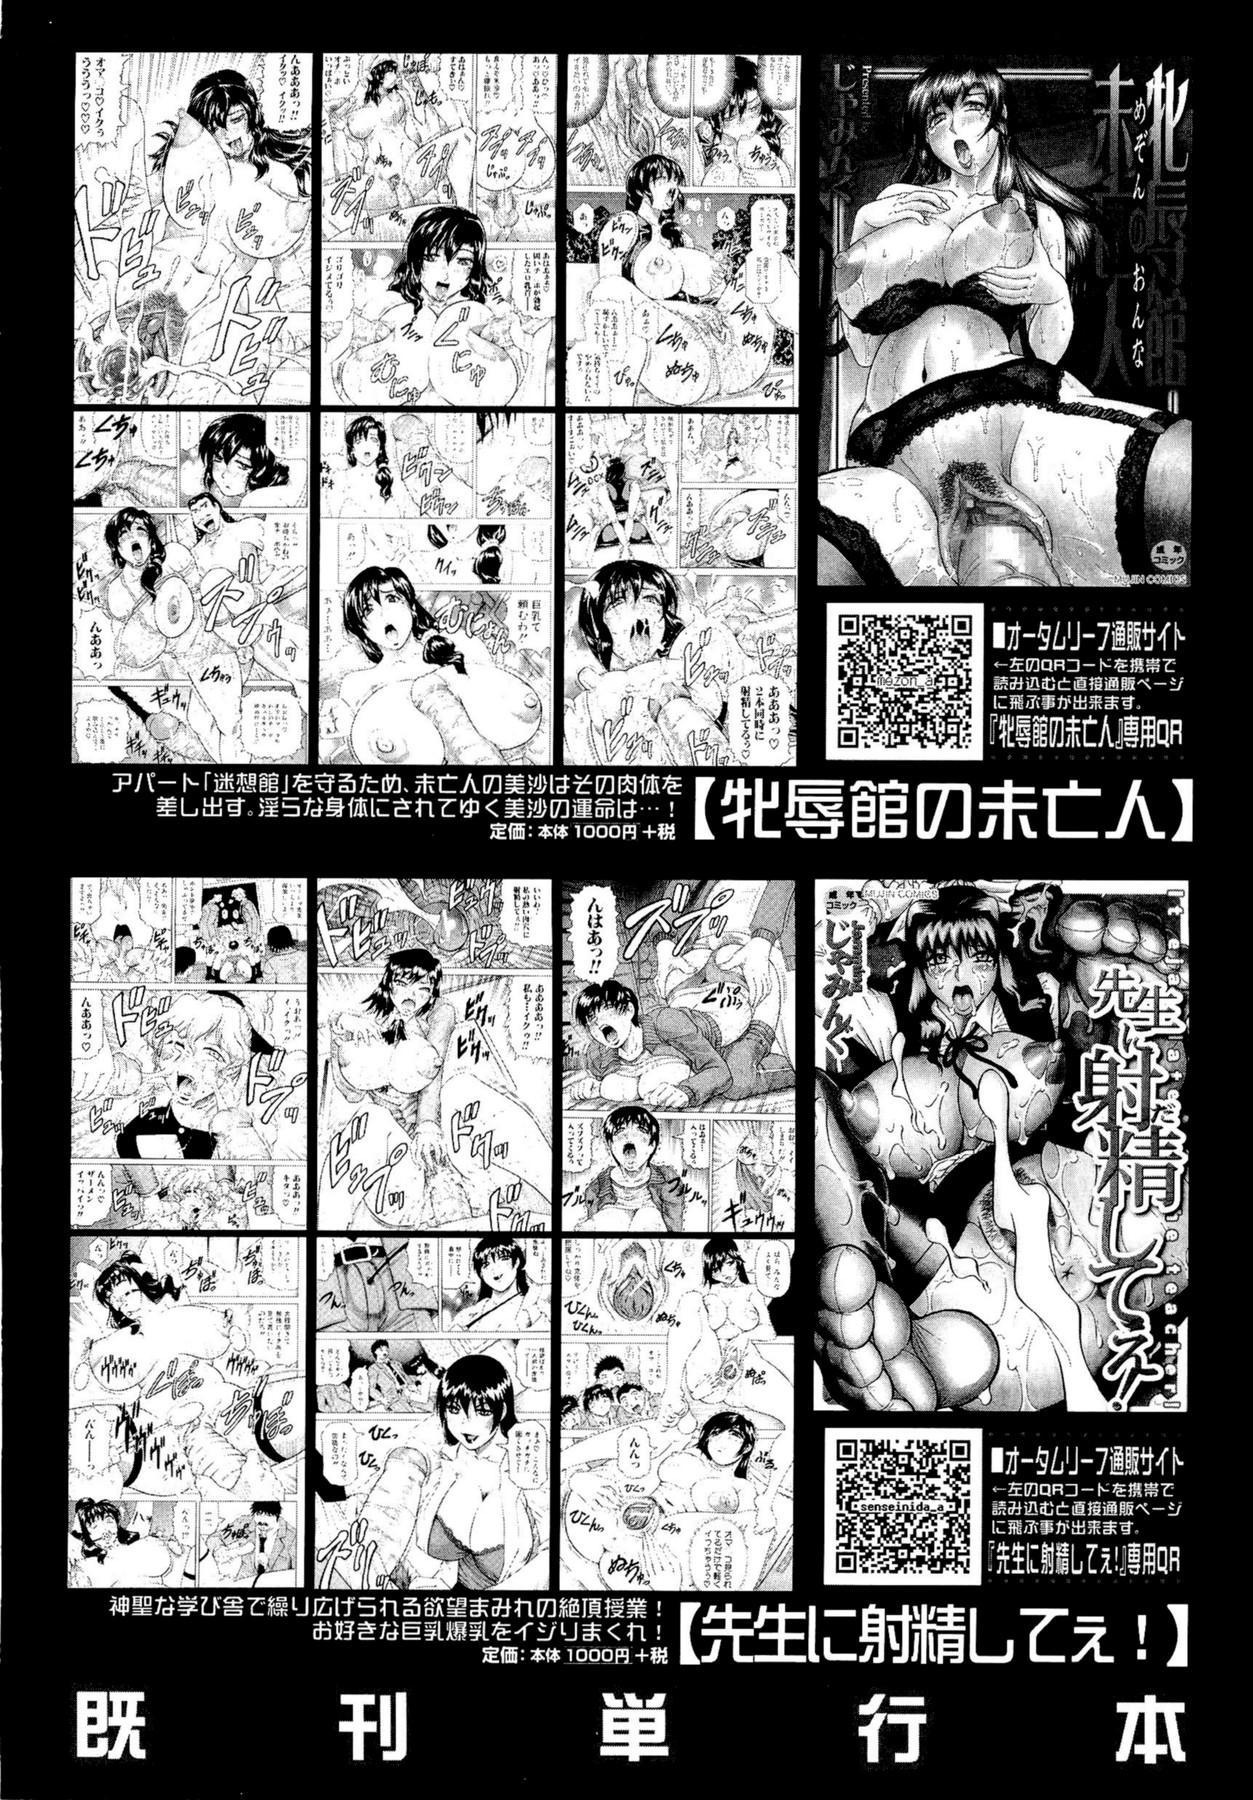 [Jamming] Koibito ha Tonari no Oneesan (Hatsujyouki) | My Lover is the Girl Next Door [English] {Tadanohito} 217